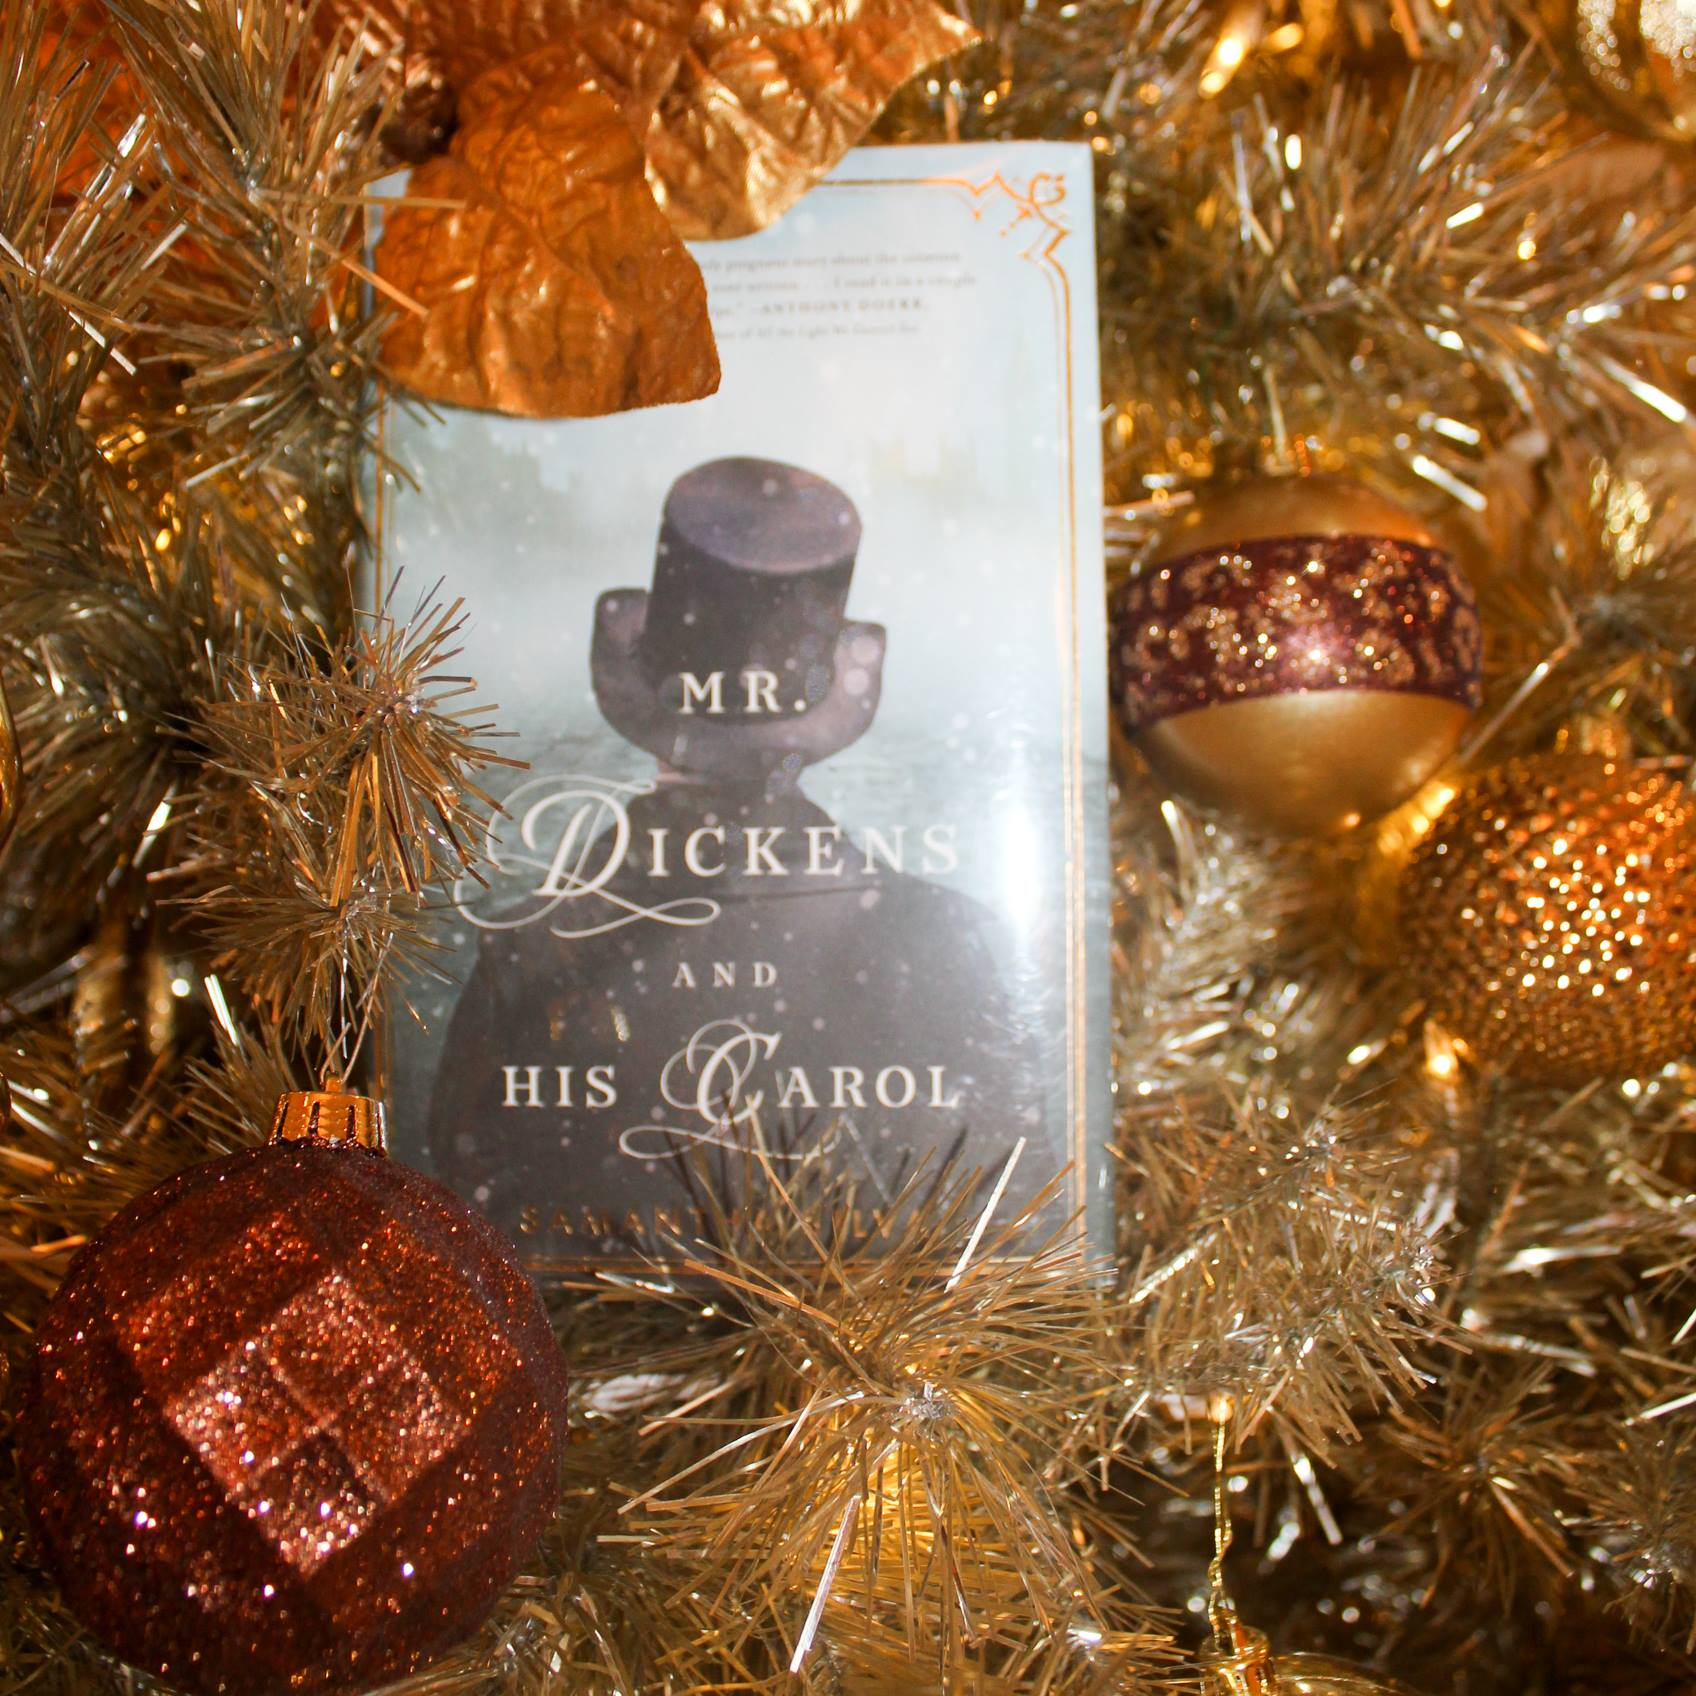 Dickens.jpg